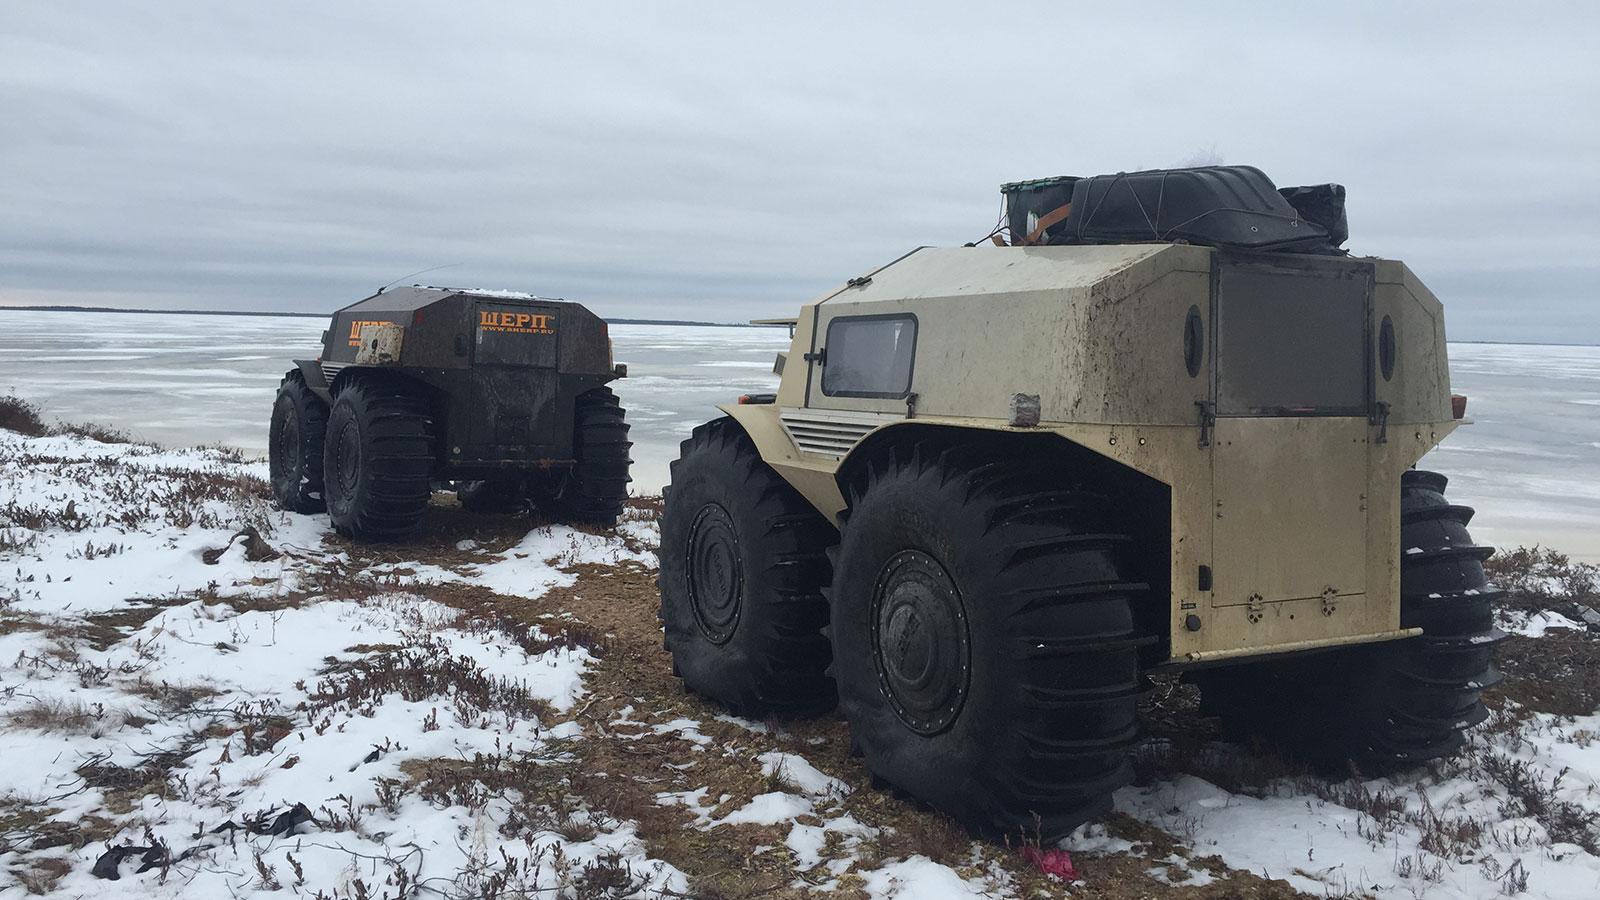 SHERP ATV 3